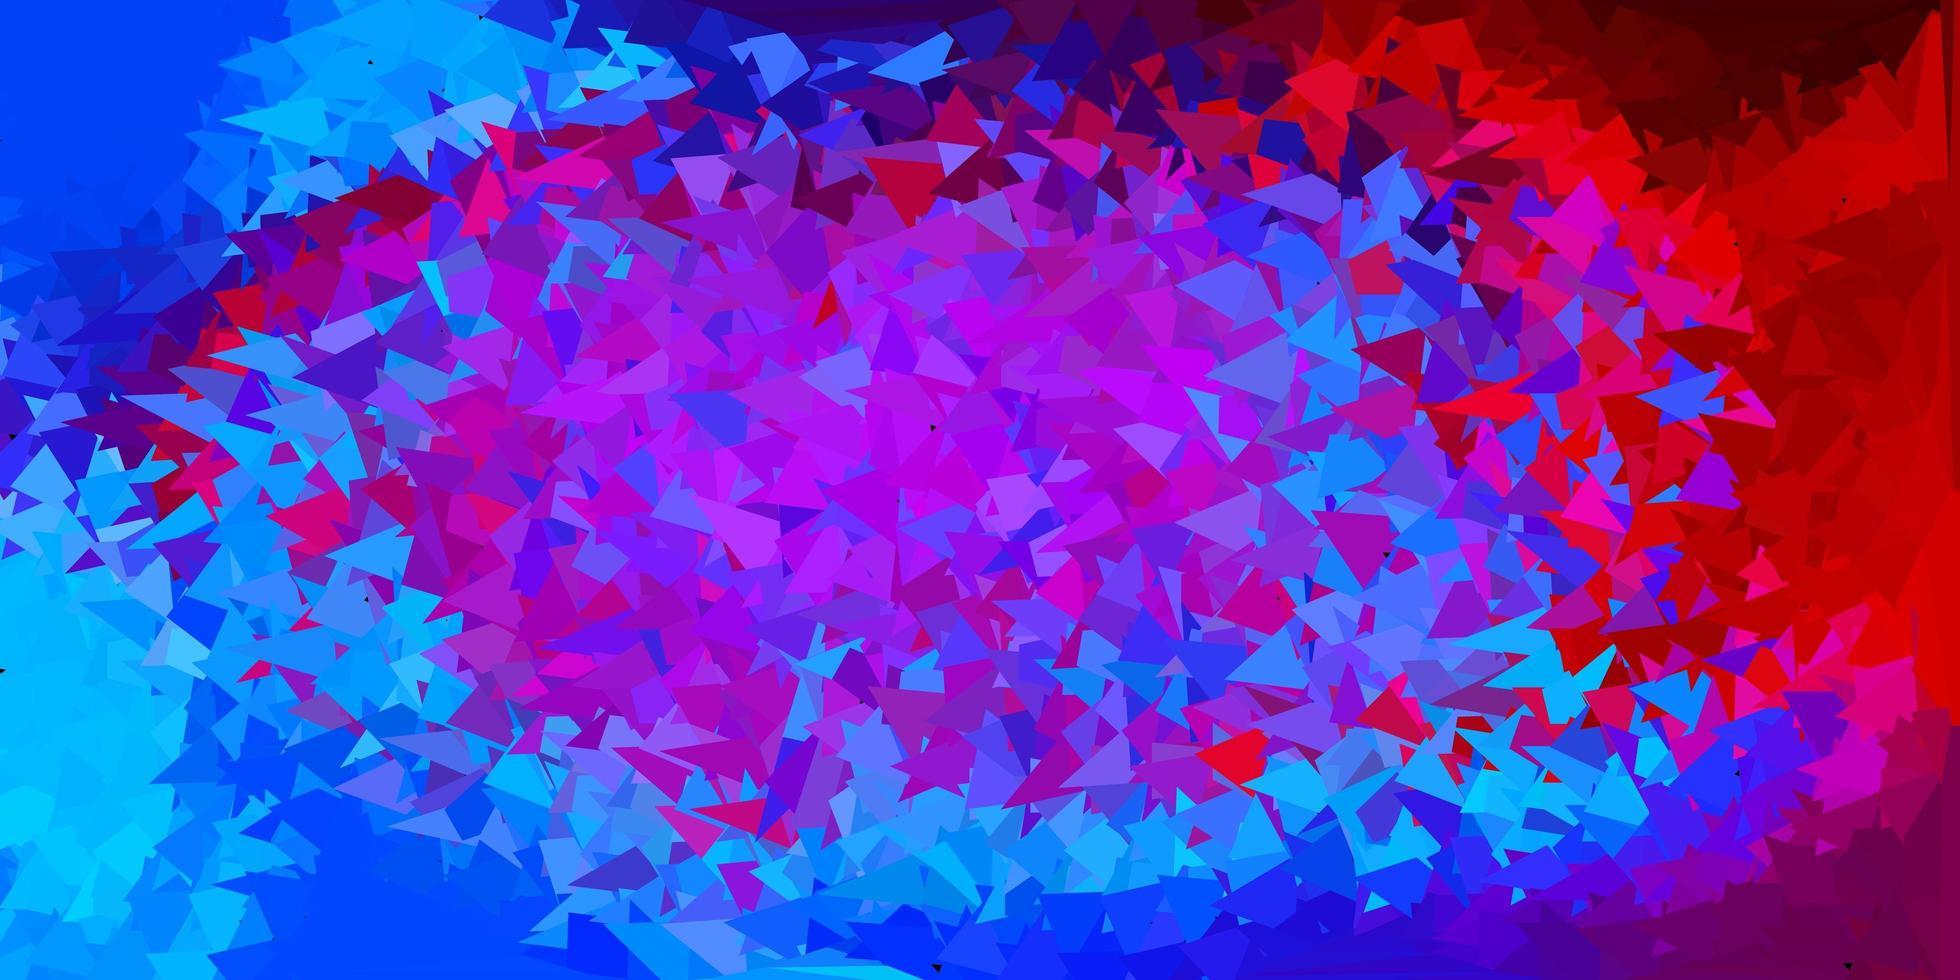 ljusblå, röd vektor poly triangel layout.